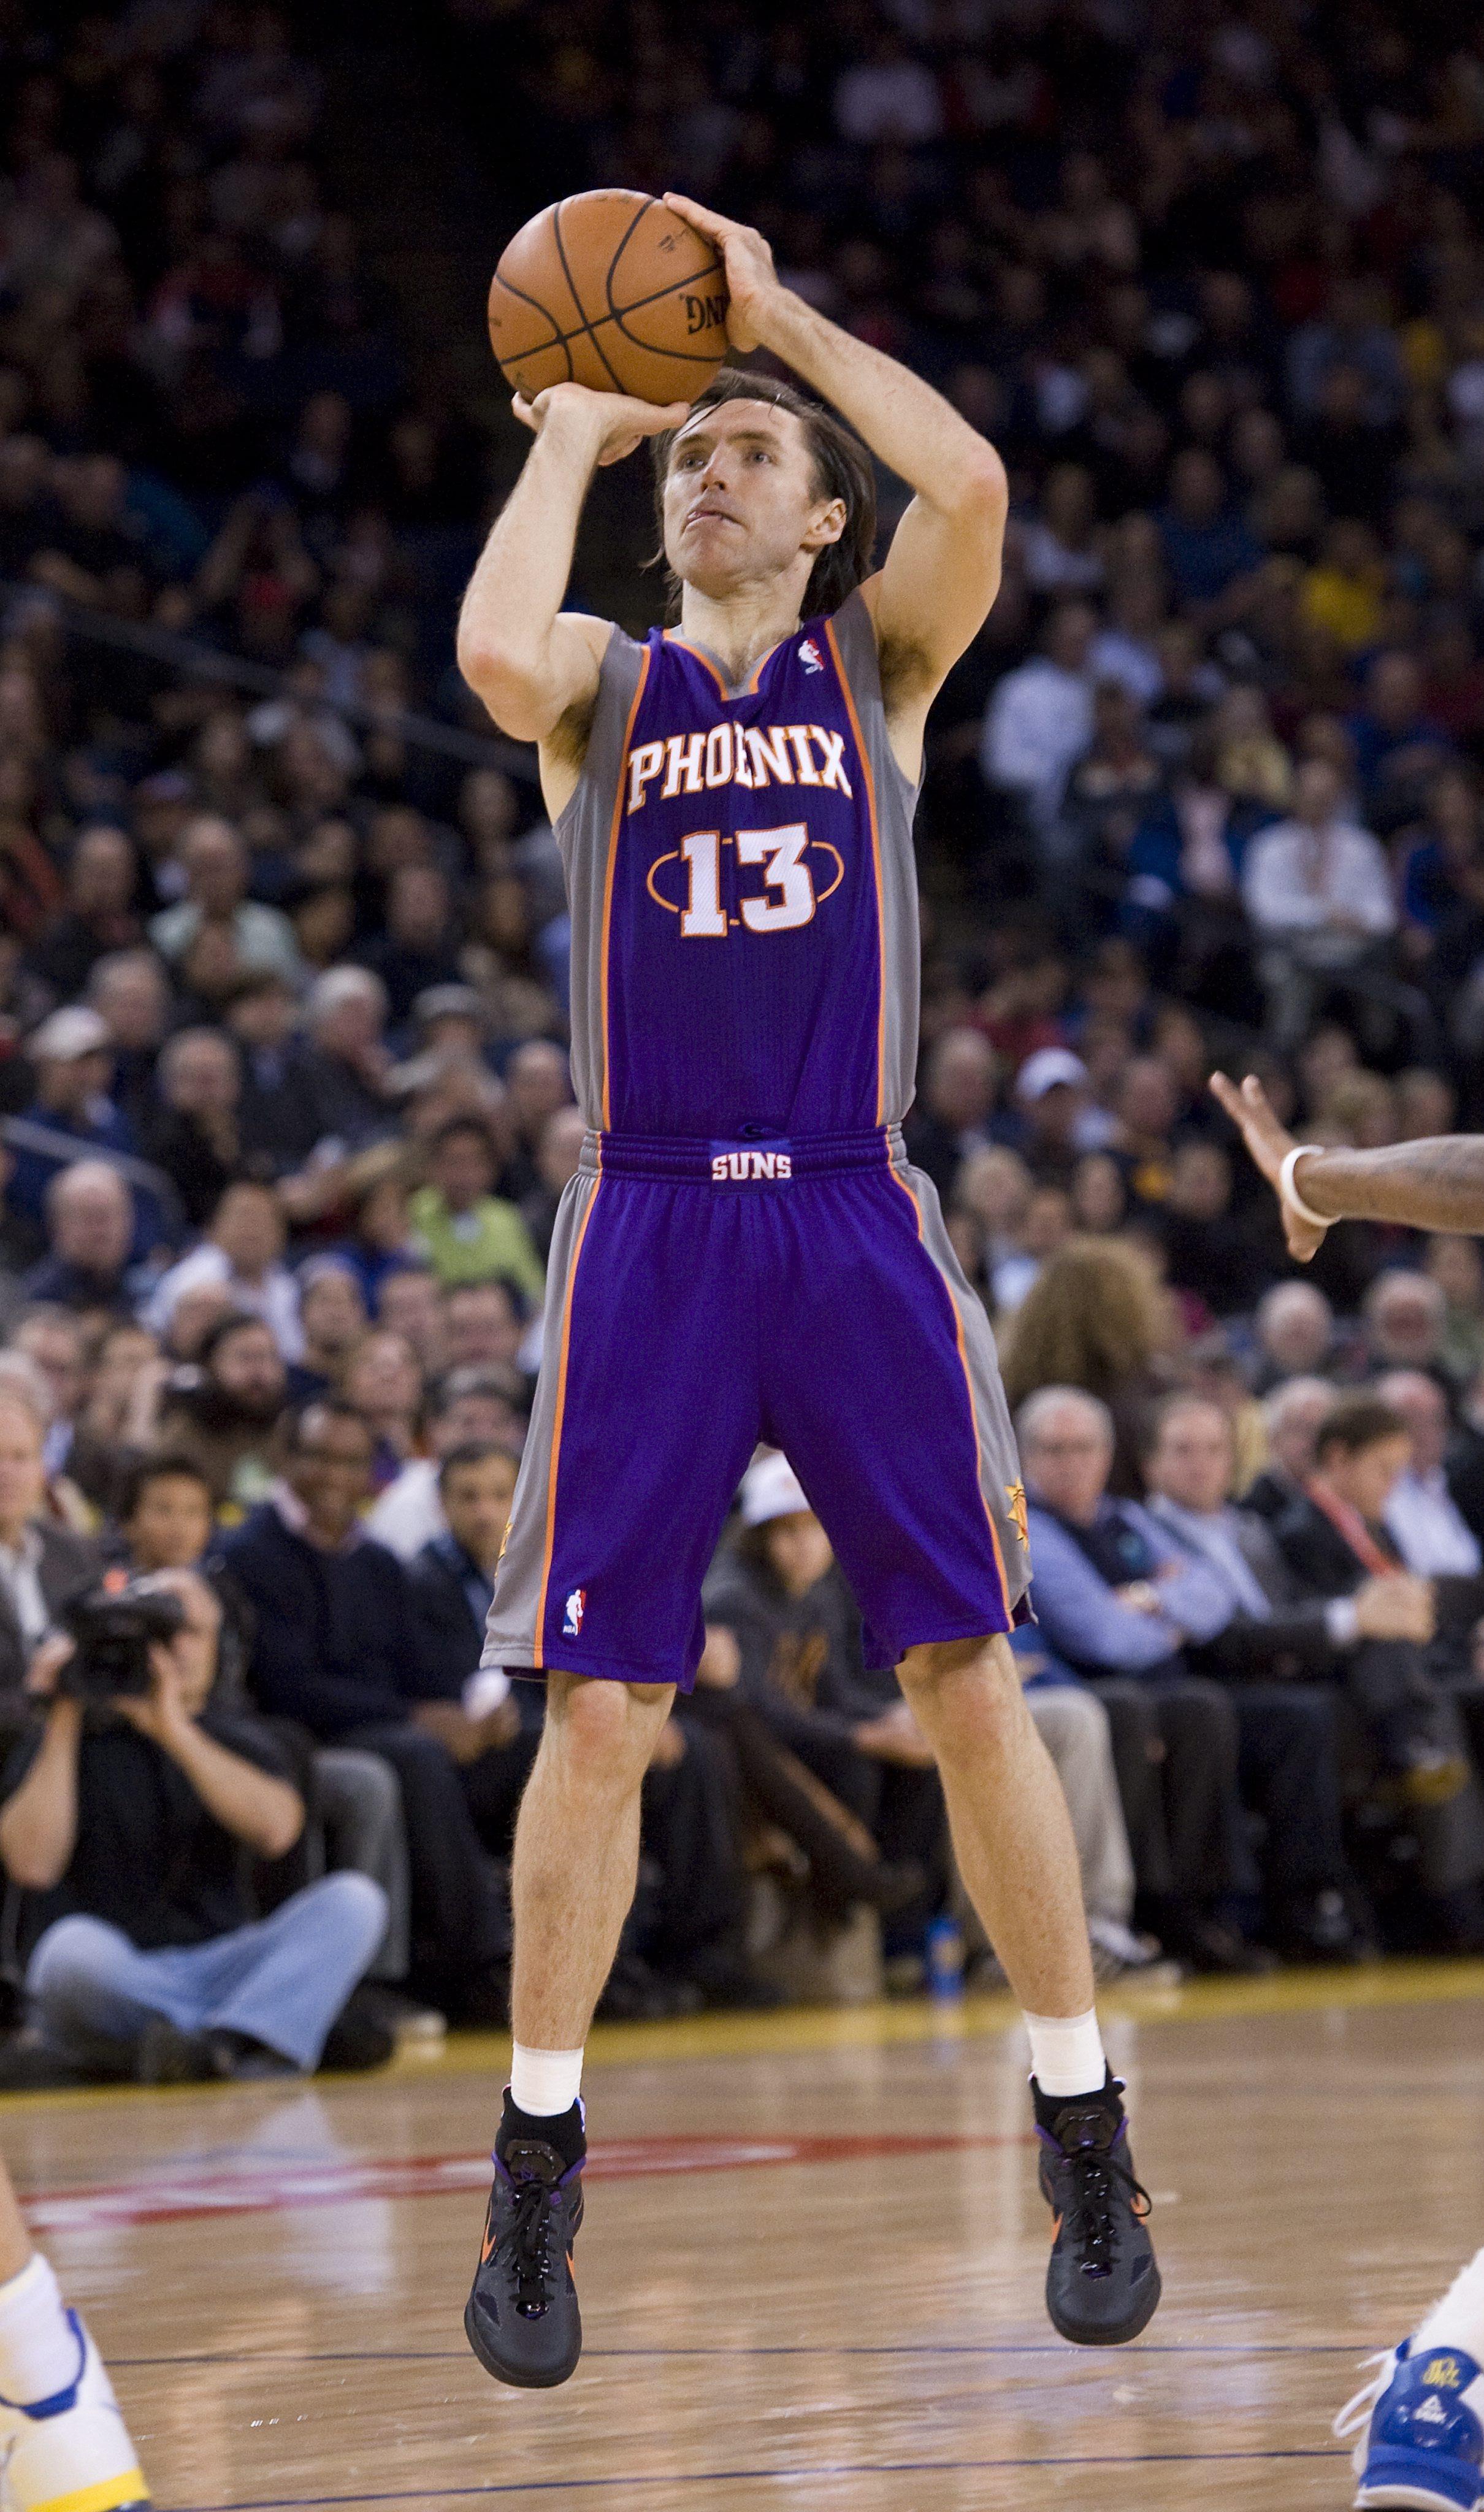 Стив Неш стана пети по асистенции в историята на НБА